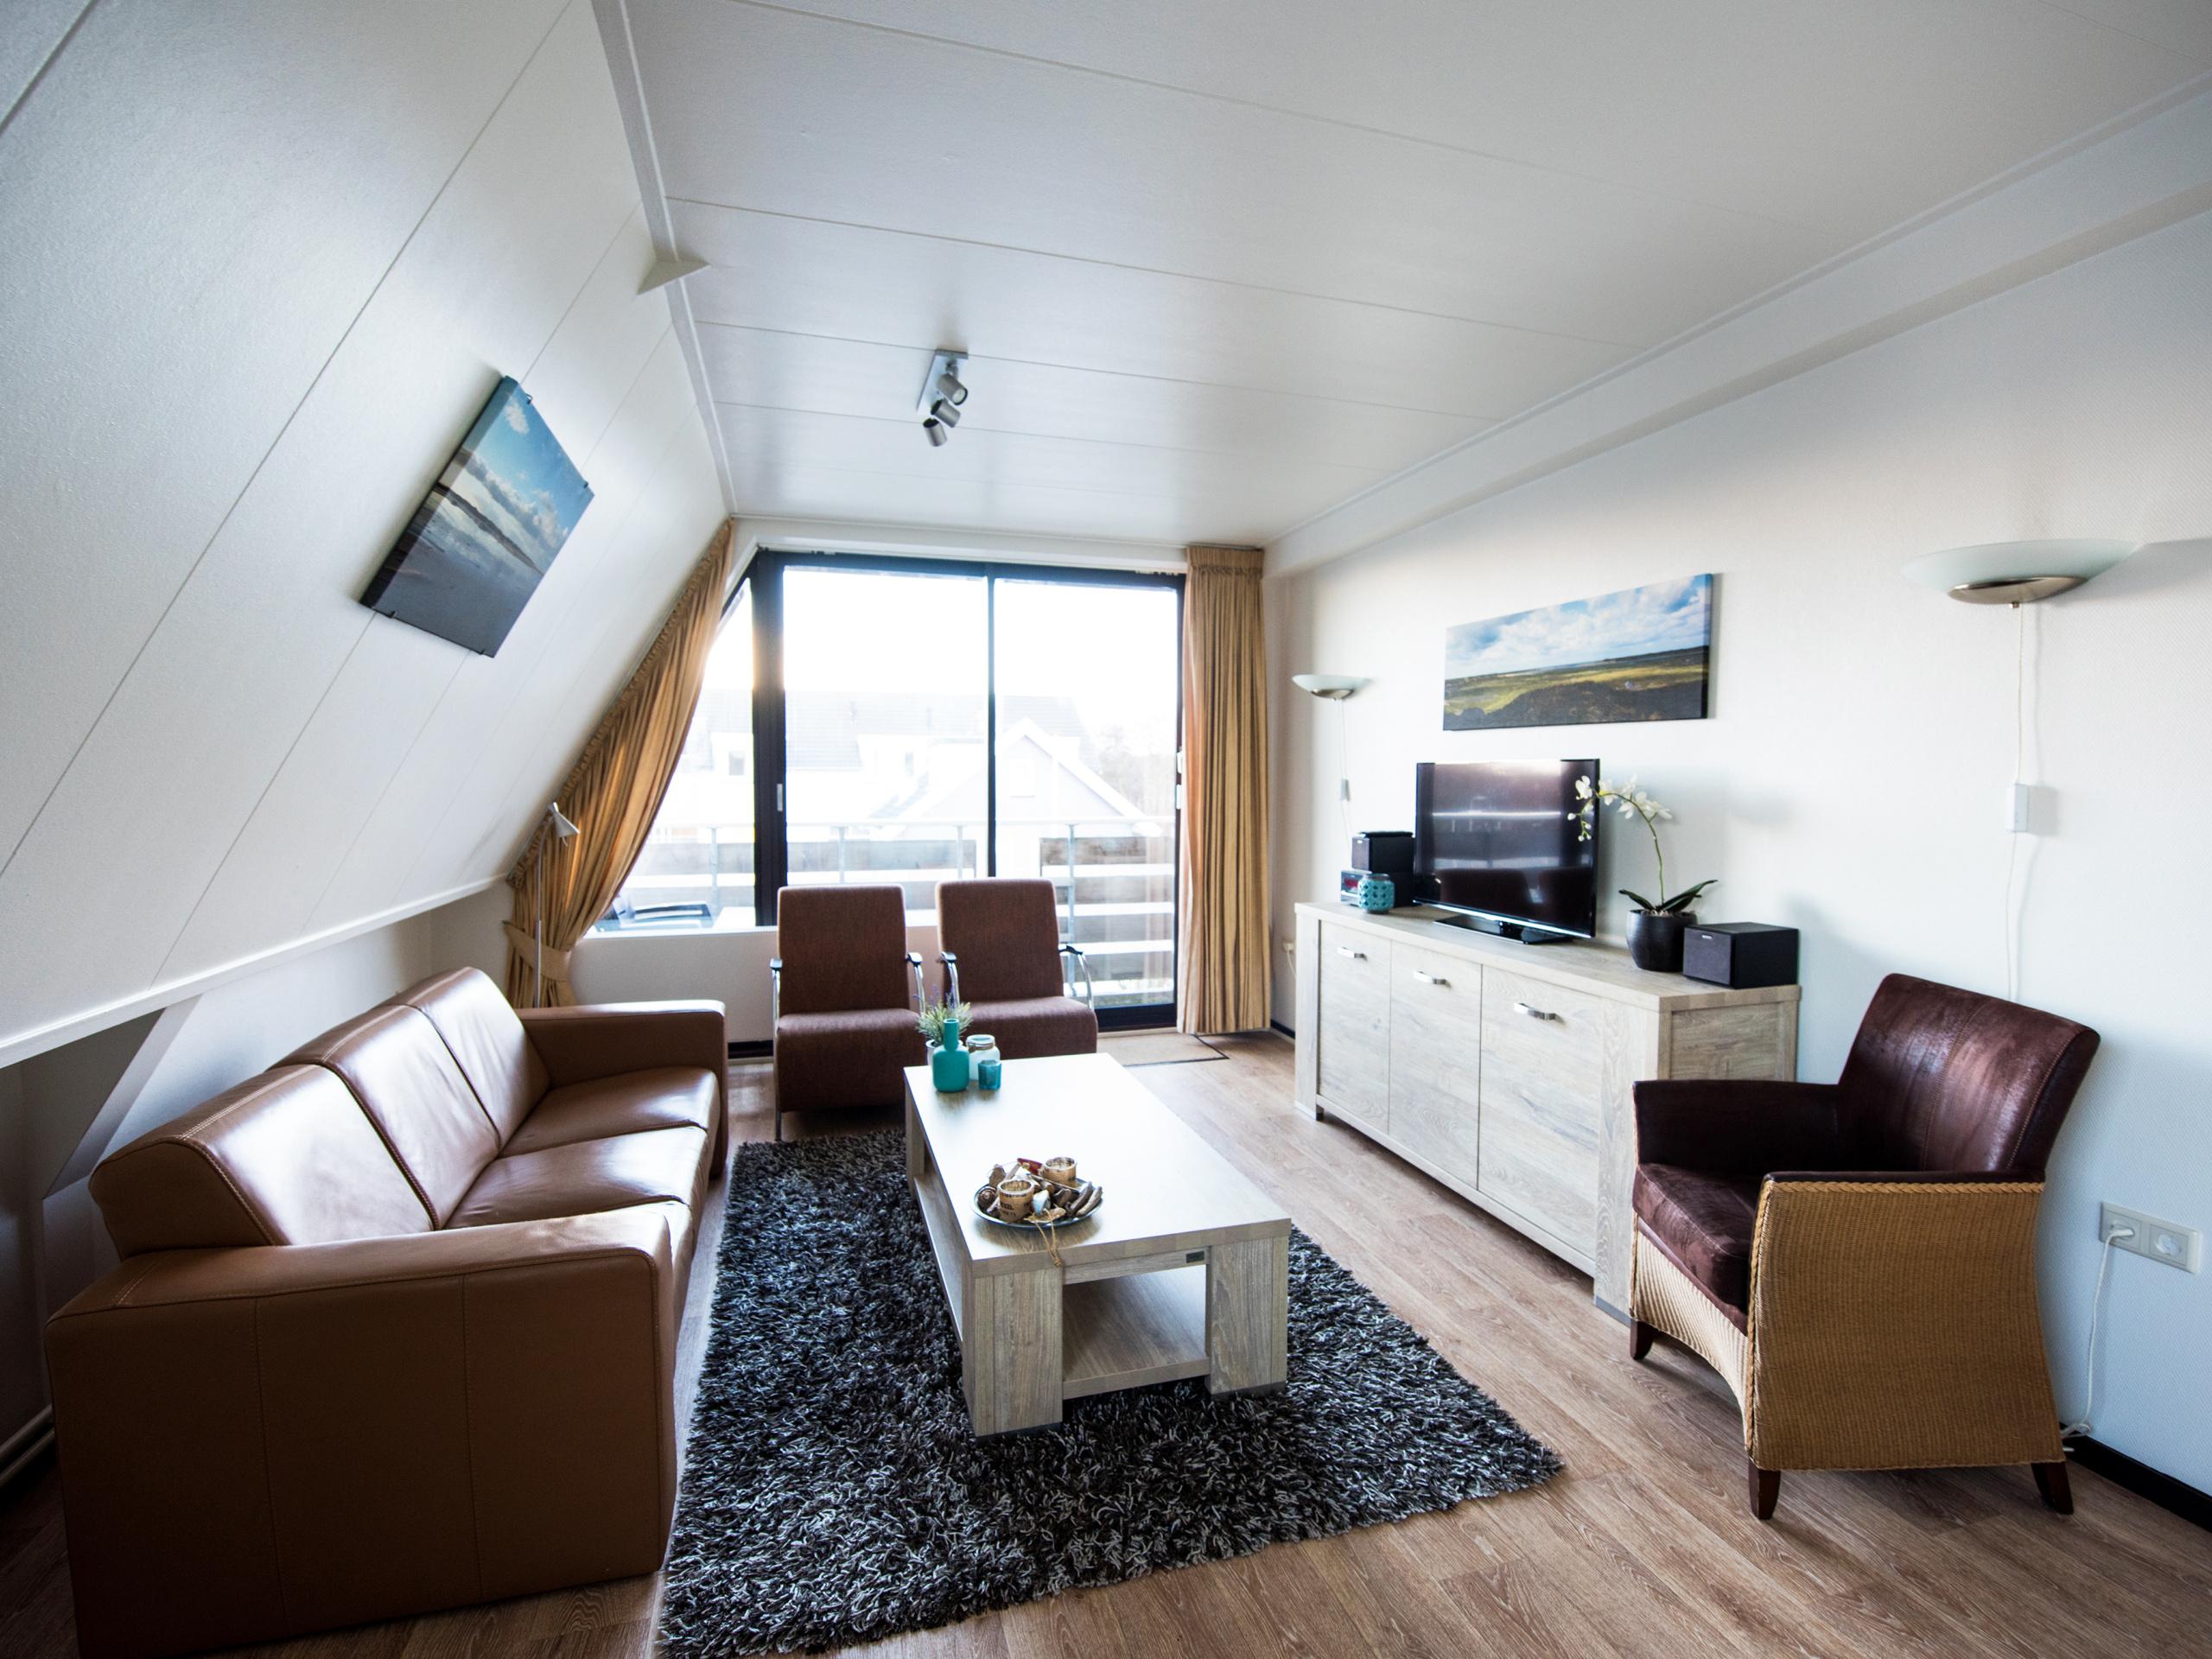 Genieten in sfeervol appartement met sauna en balkon in De Koog